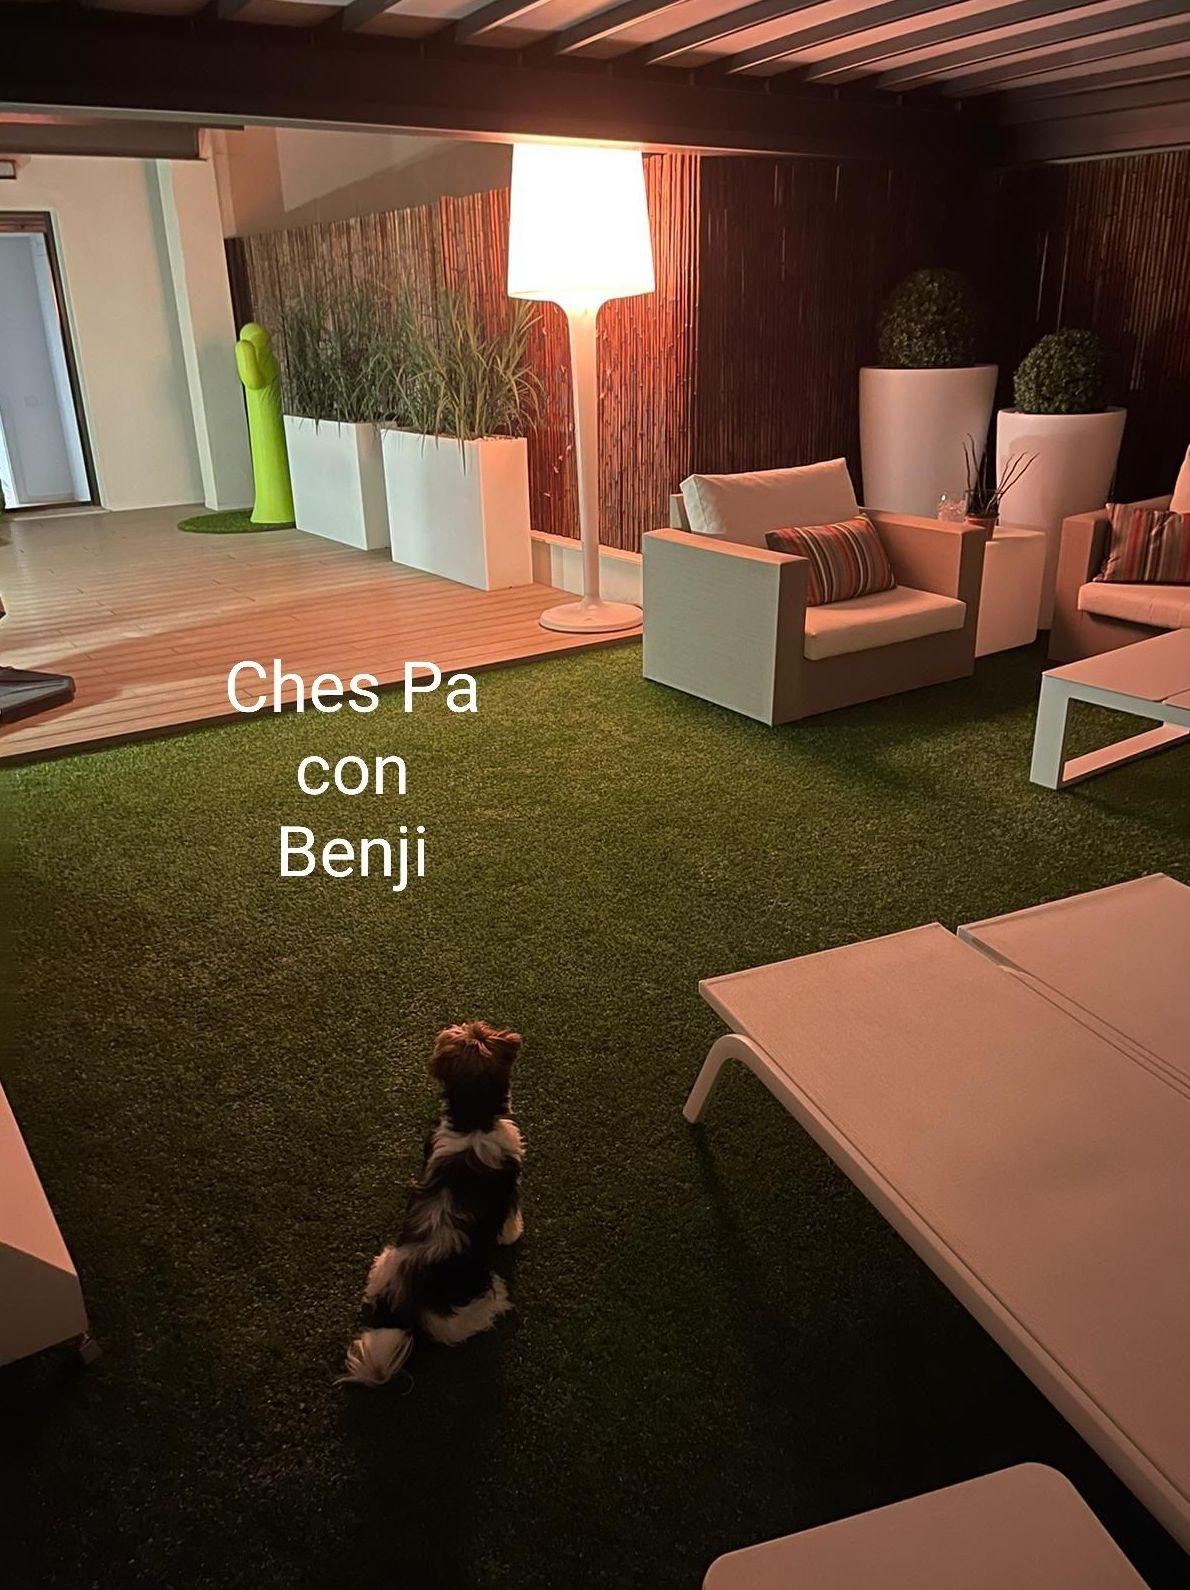 Benji, disfrutando de la terraza que los papis construyeron para juntitos pasar lindos momentos de expansión y felicidad, sobre el césped artificial en Valencia